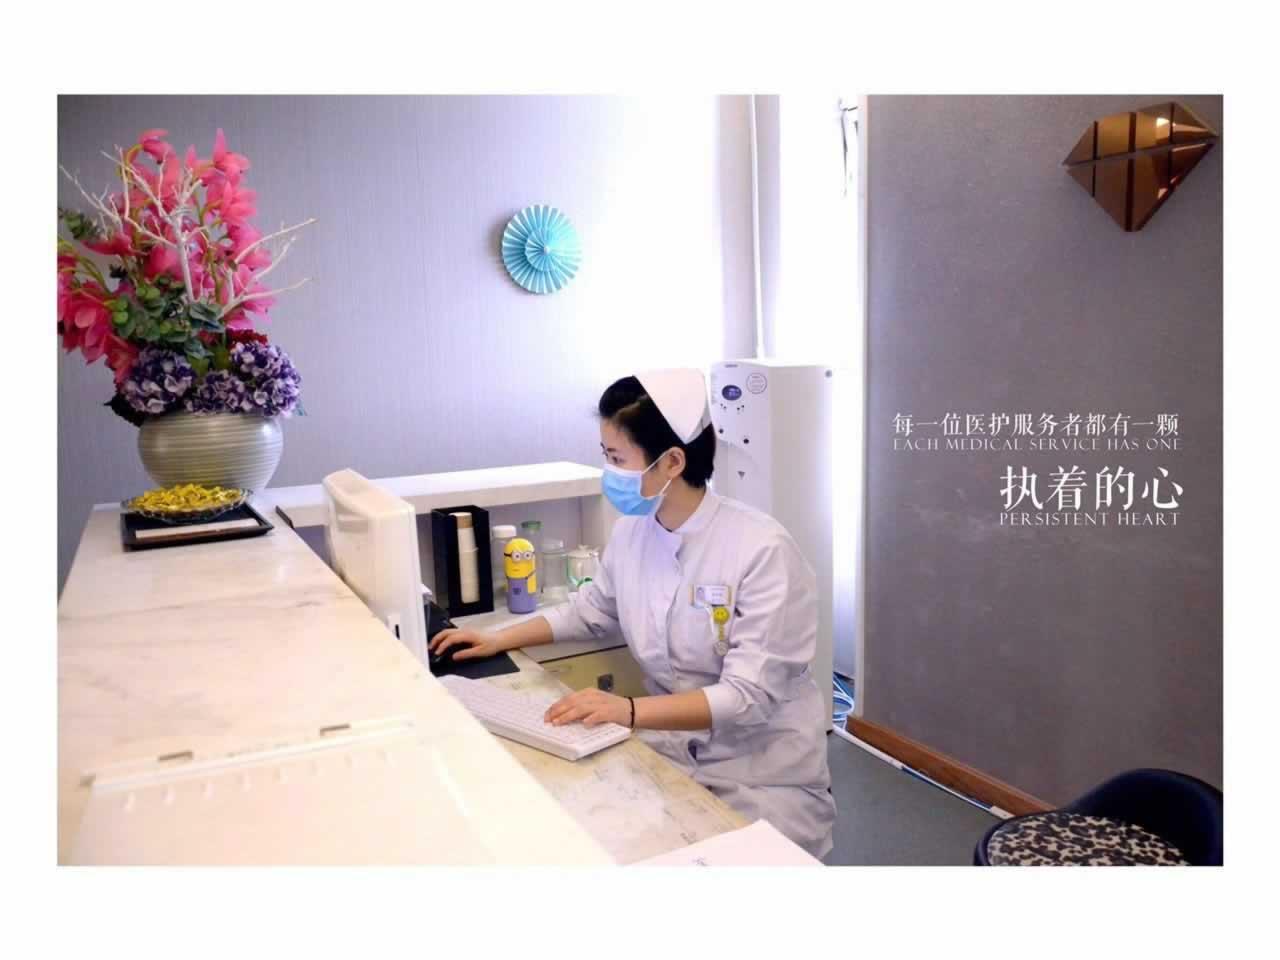 杭州市格莱美整容医院正规靠谱吗?